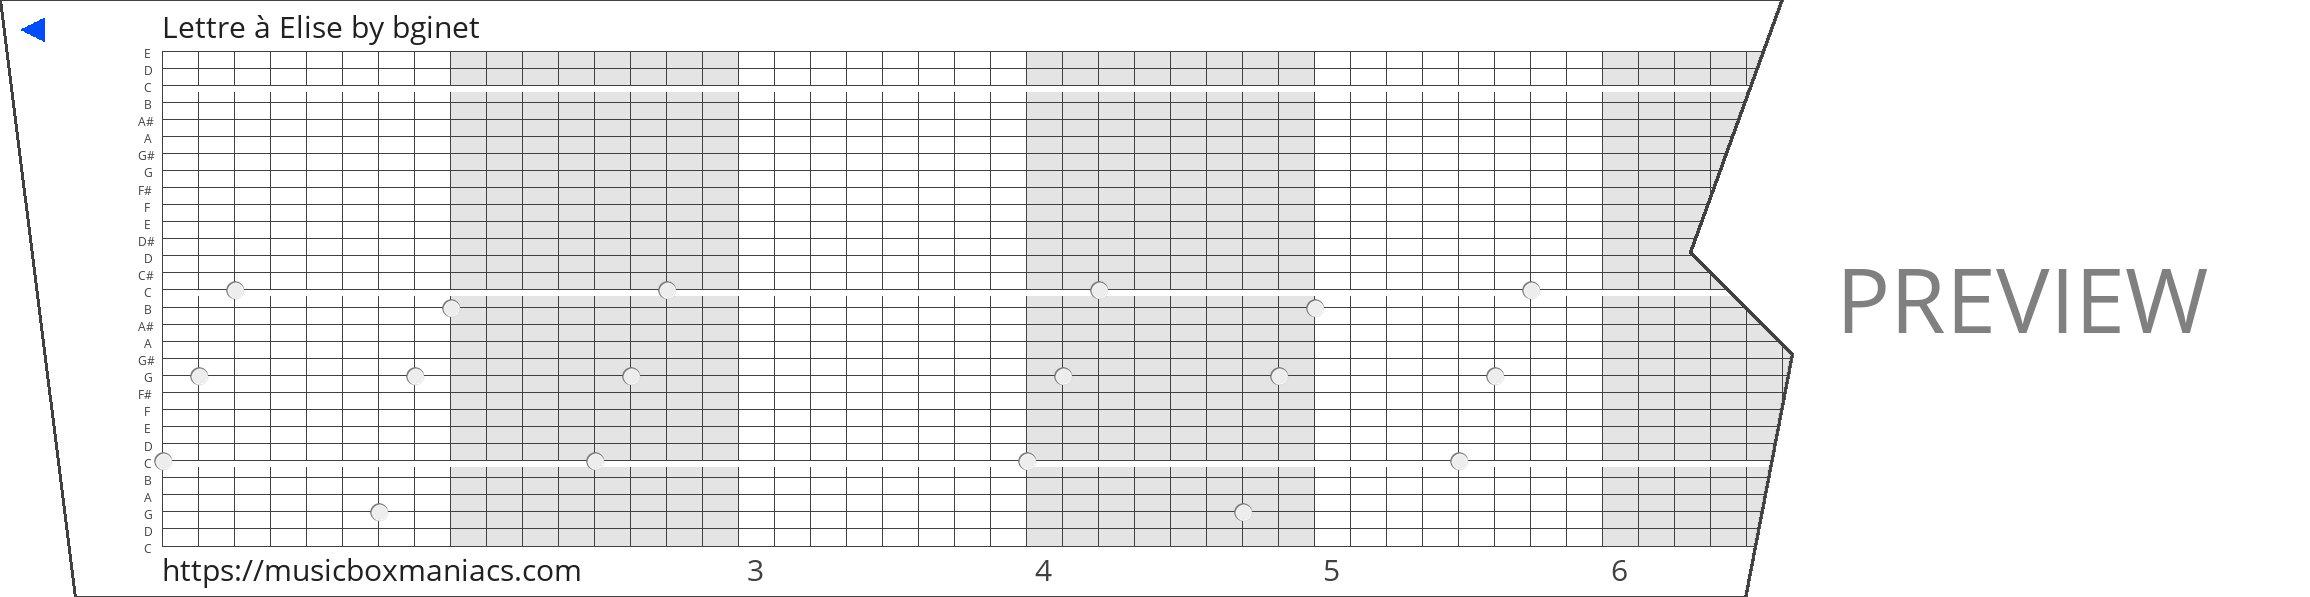 Lettre à Elise 30 note music box paper strip